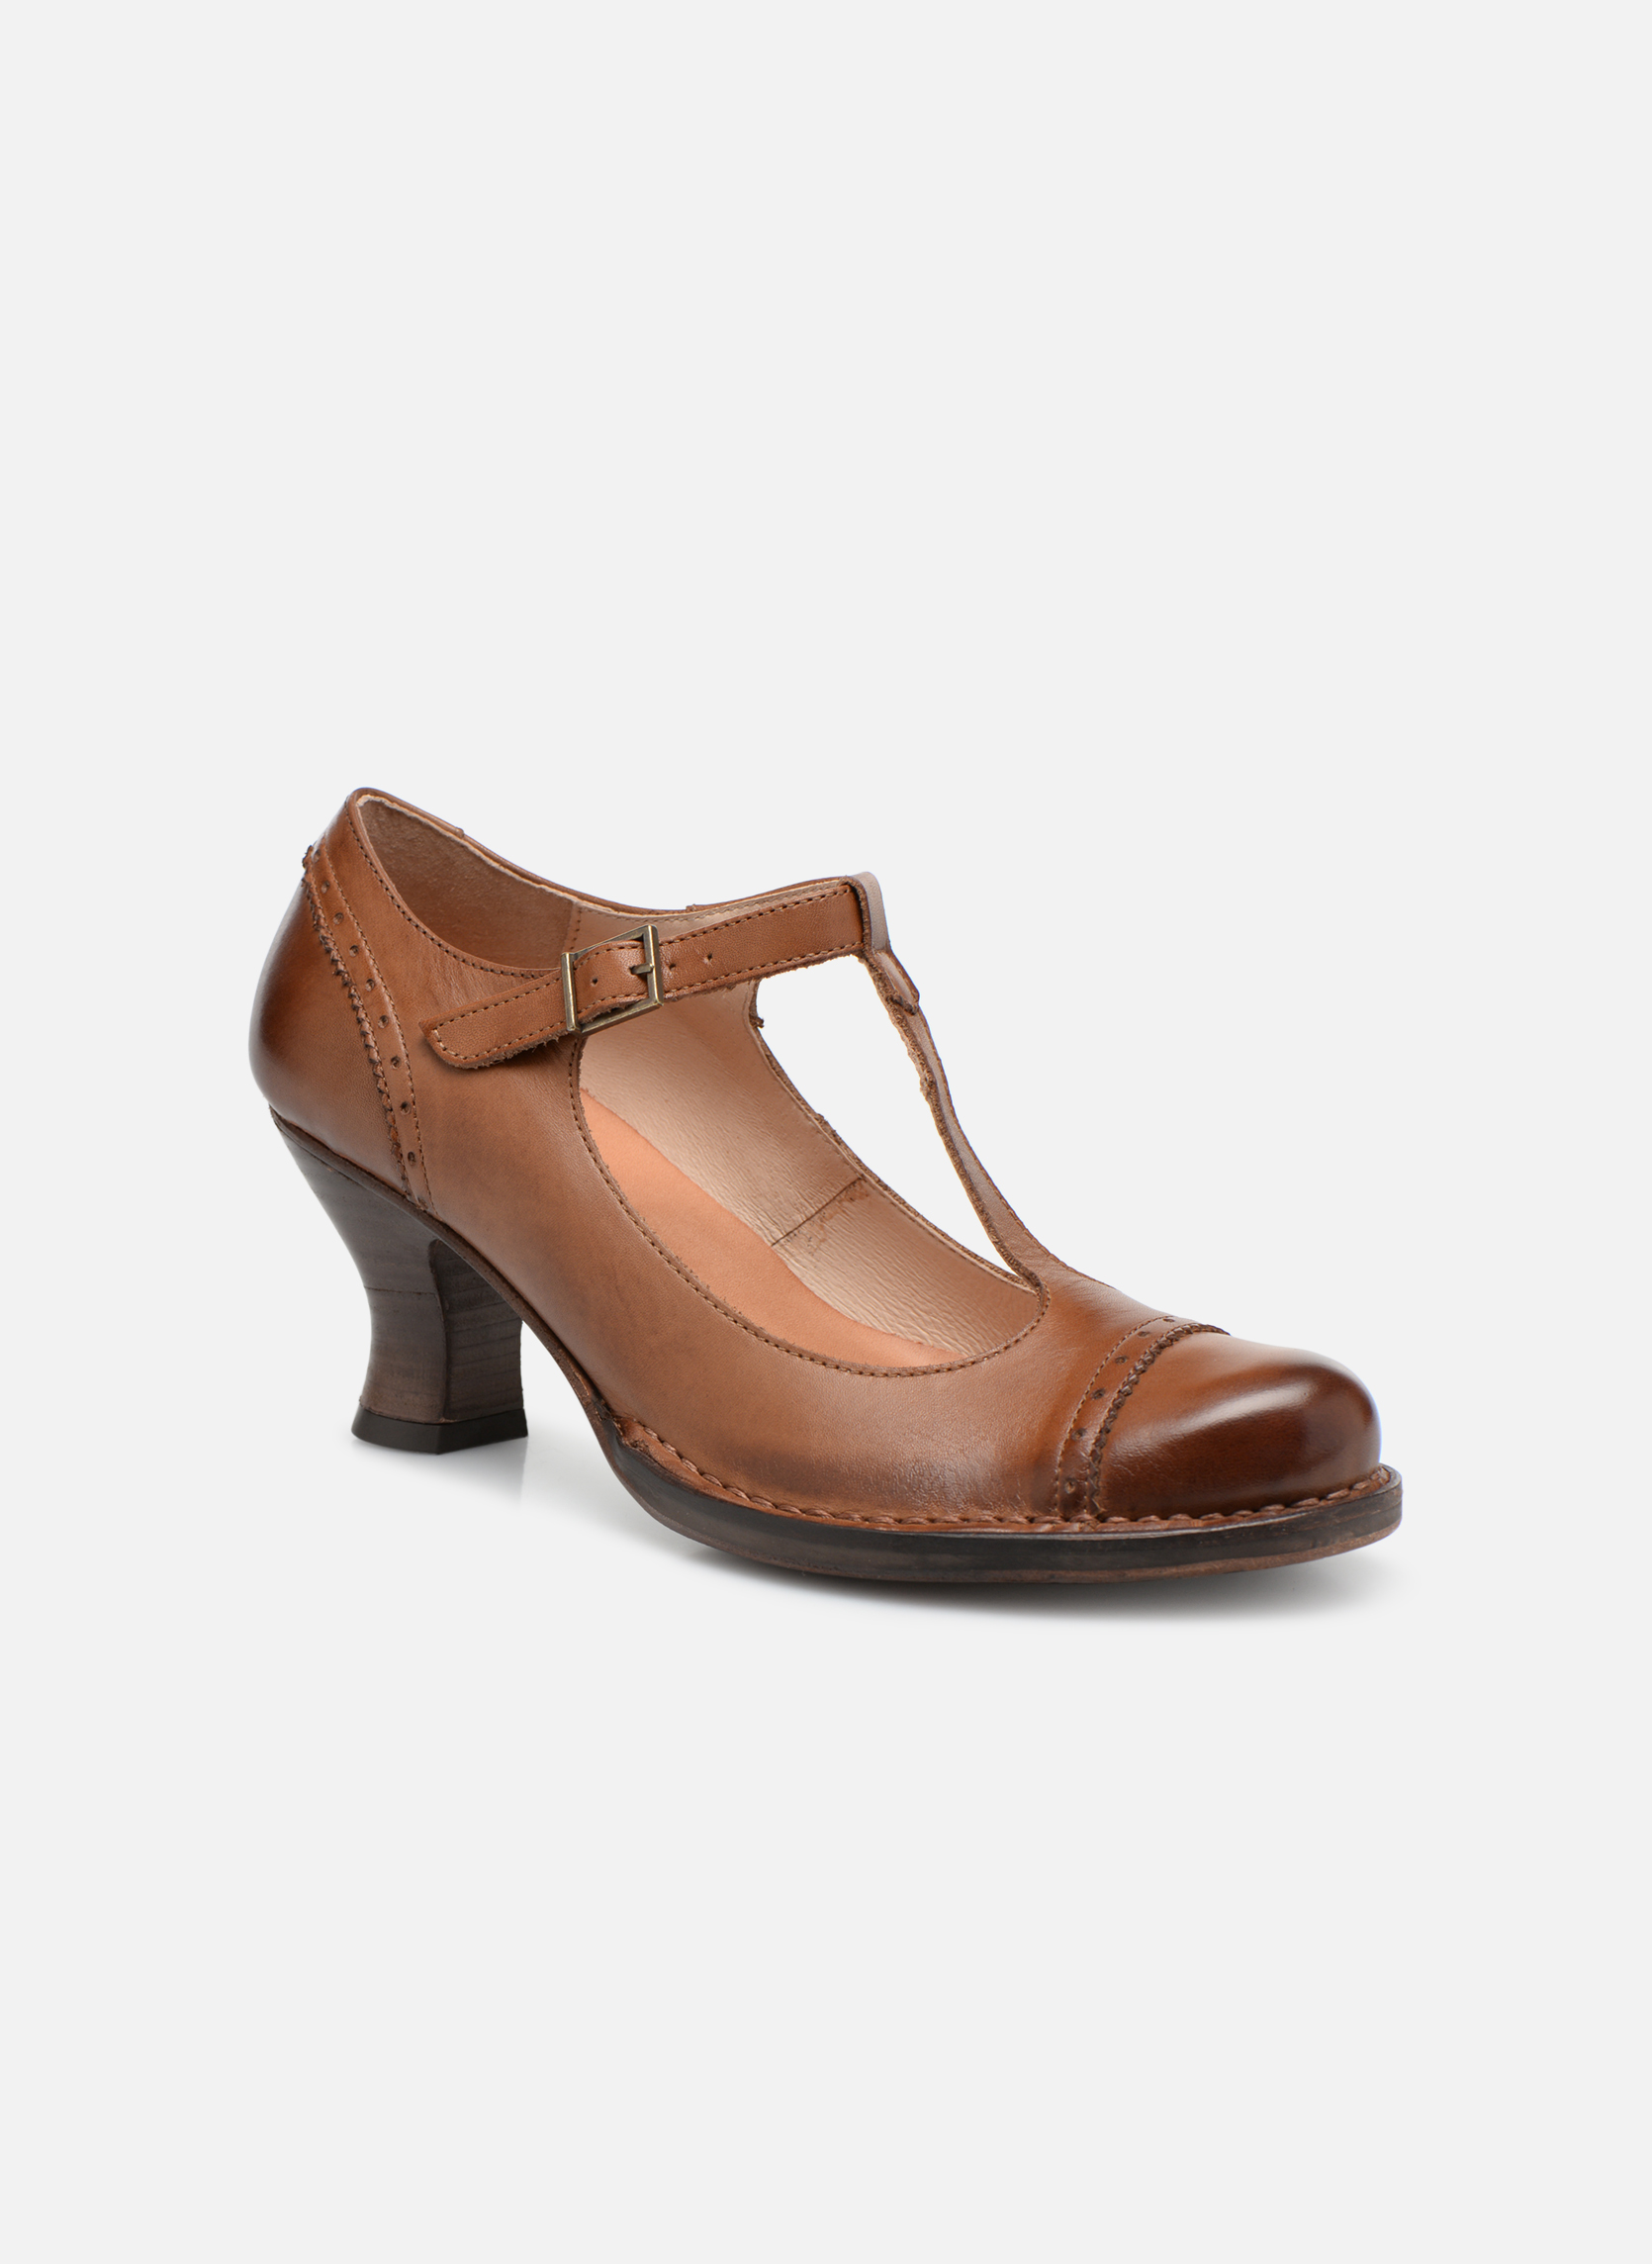 Zapatos de tacón Mujer Rococo S849